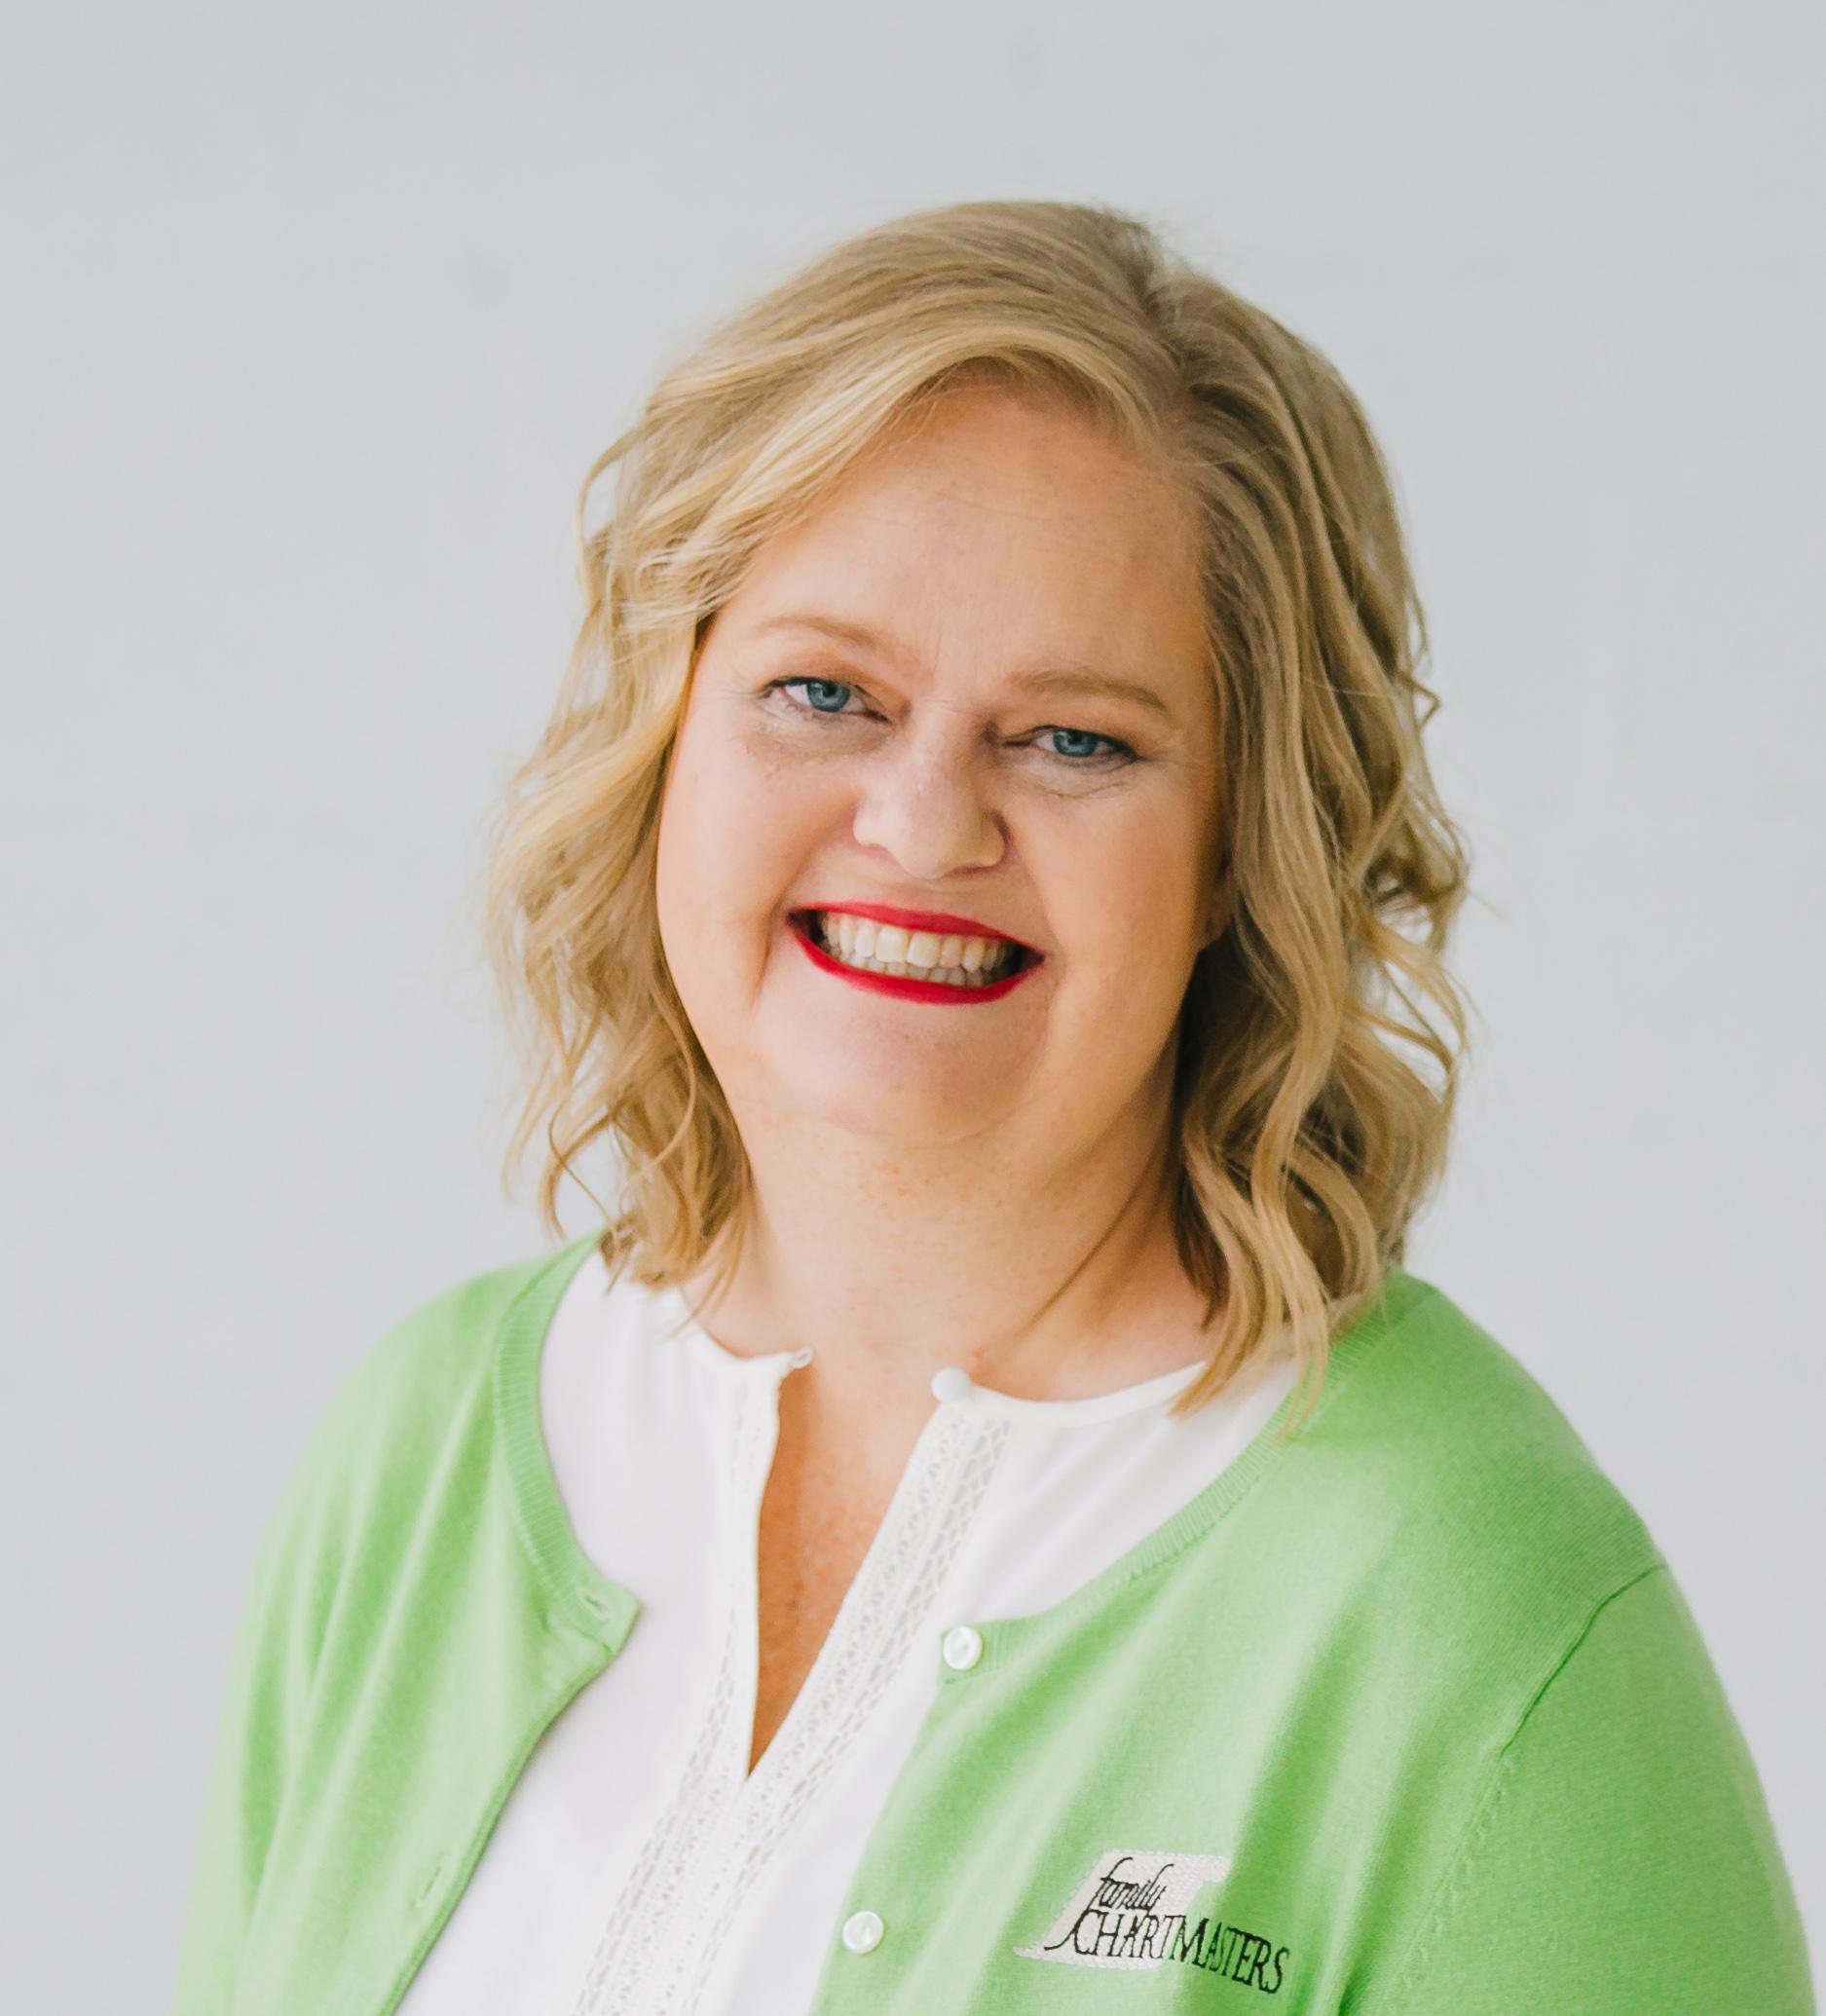 Janet Hovorka - Representative at Large (Utah)